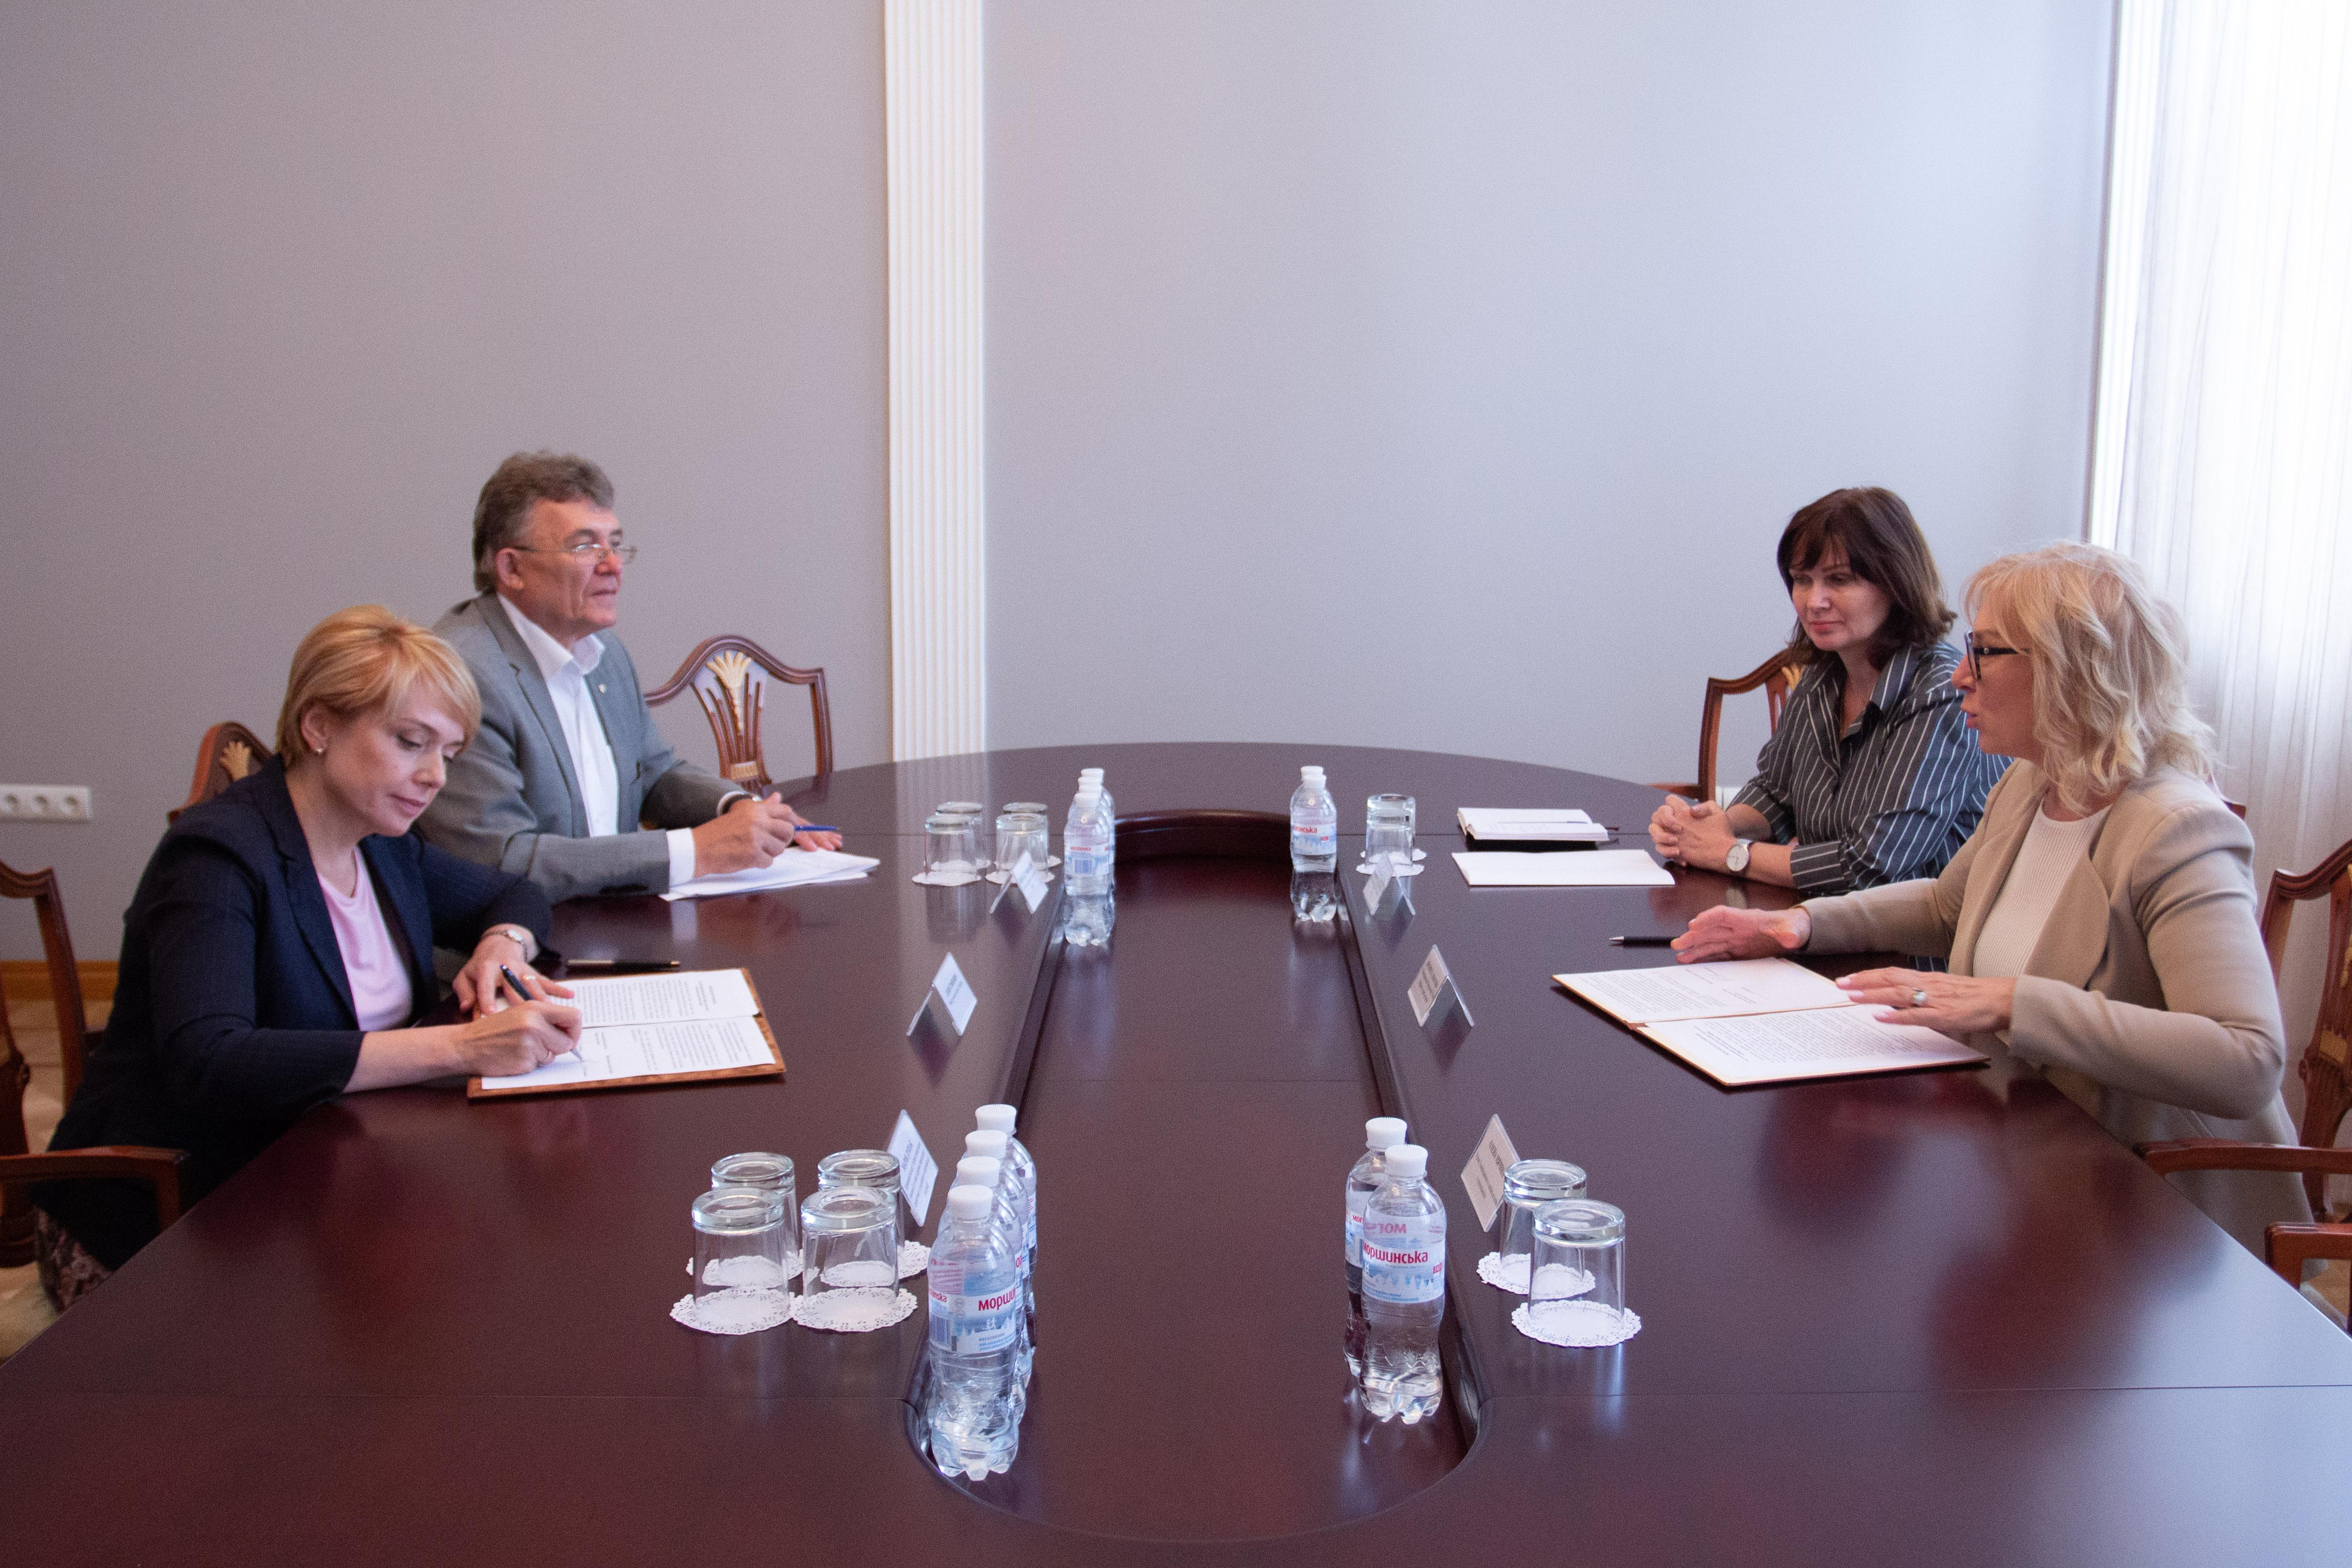 МОН та омбудсмен співпрацюватимуть для захисту прав і свобод людини в сфері освіти - підписано меморандум